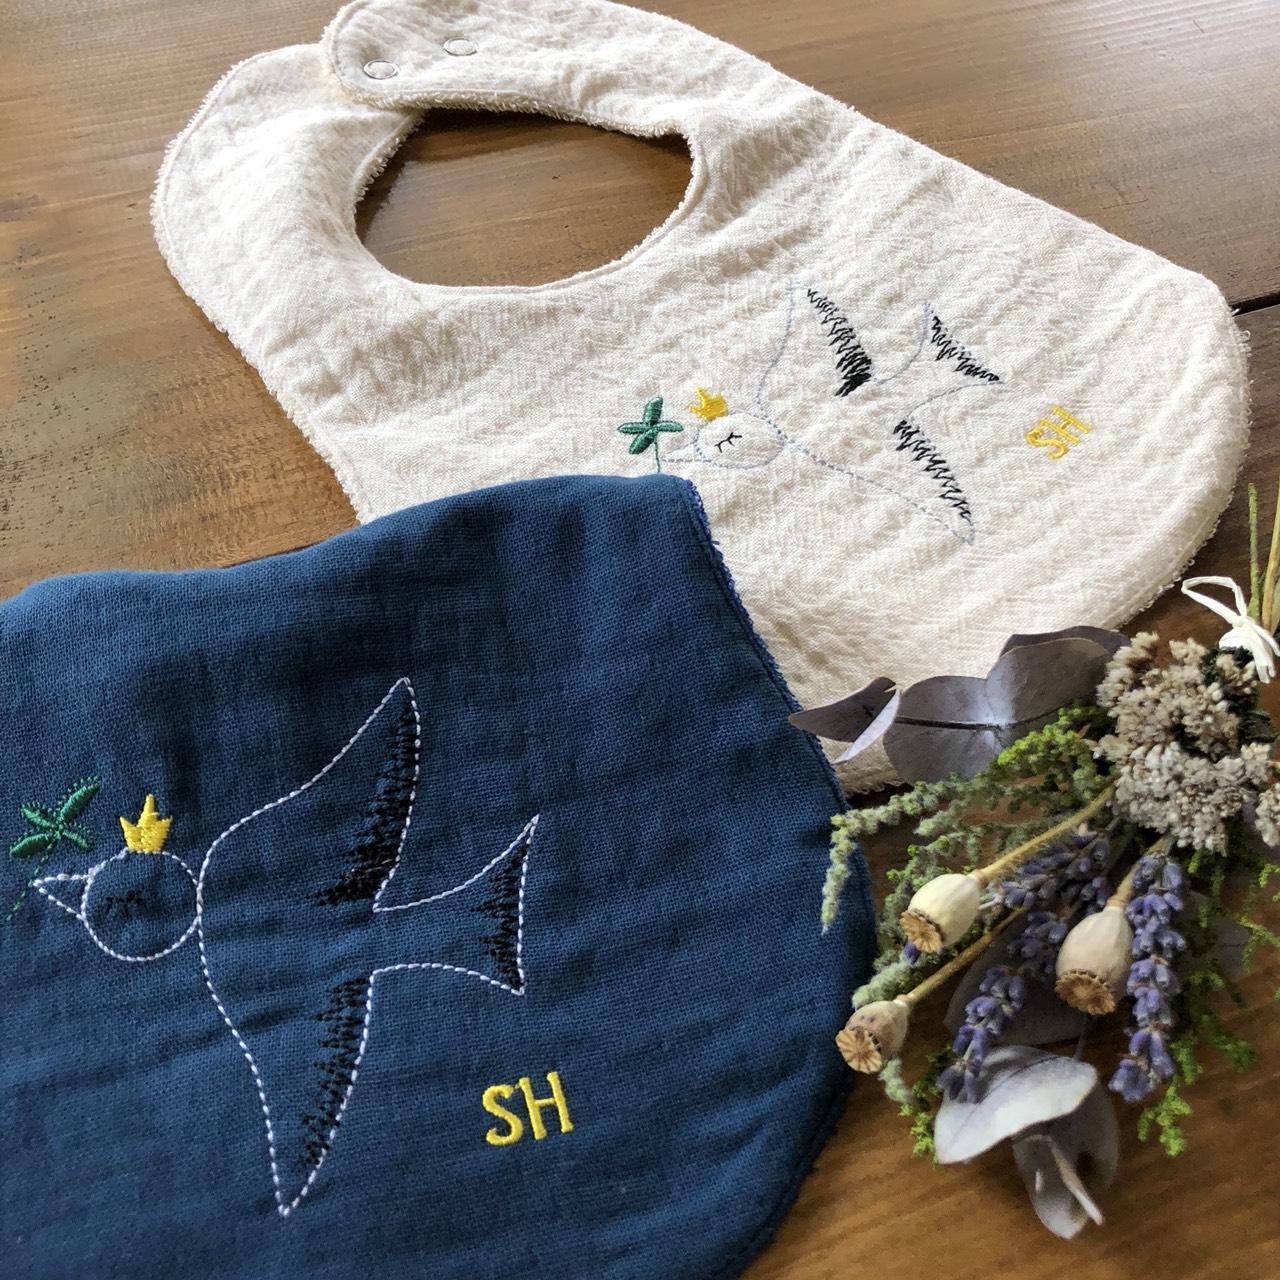 【Stitch House Original】名前入り・リバーシブルビブ/刺繍・トリ